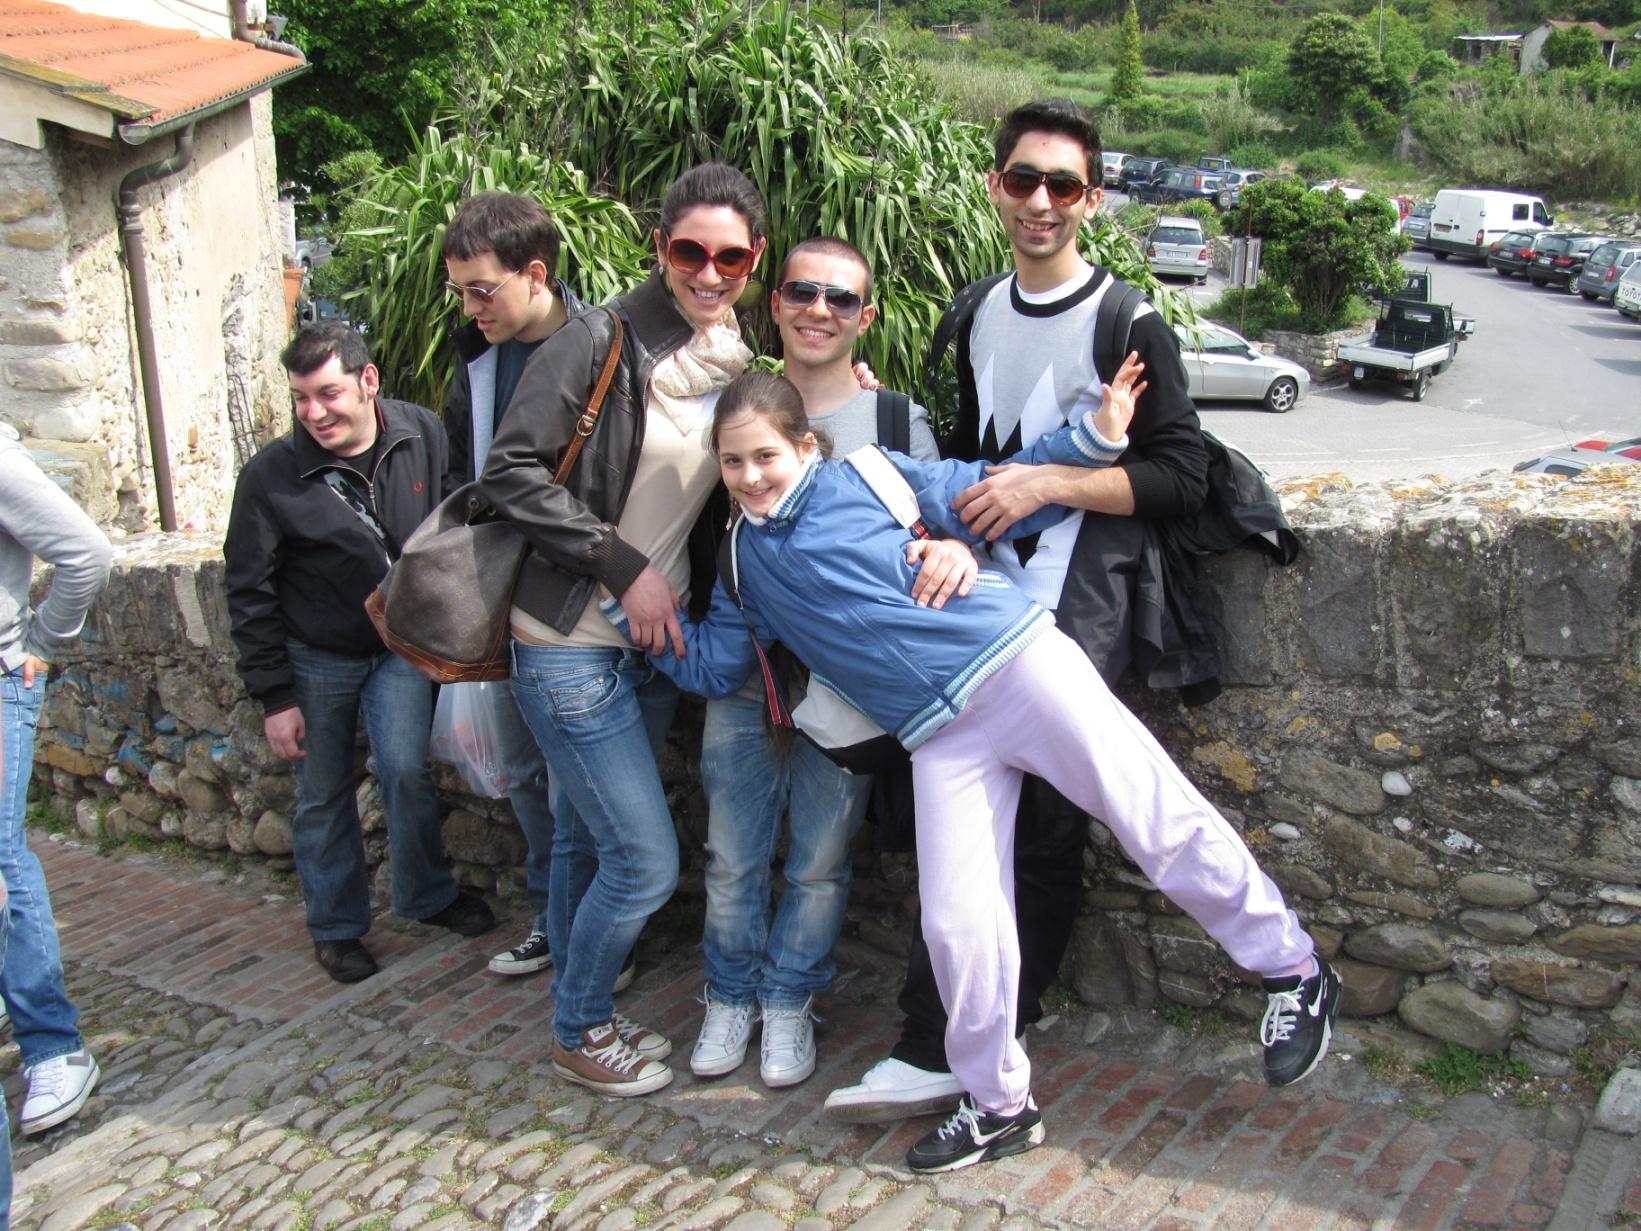 pasquetta_dolceacqua-2011-04-25-11-32-42